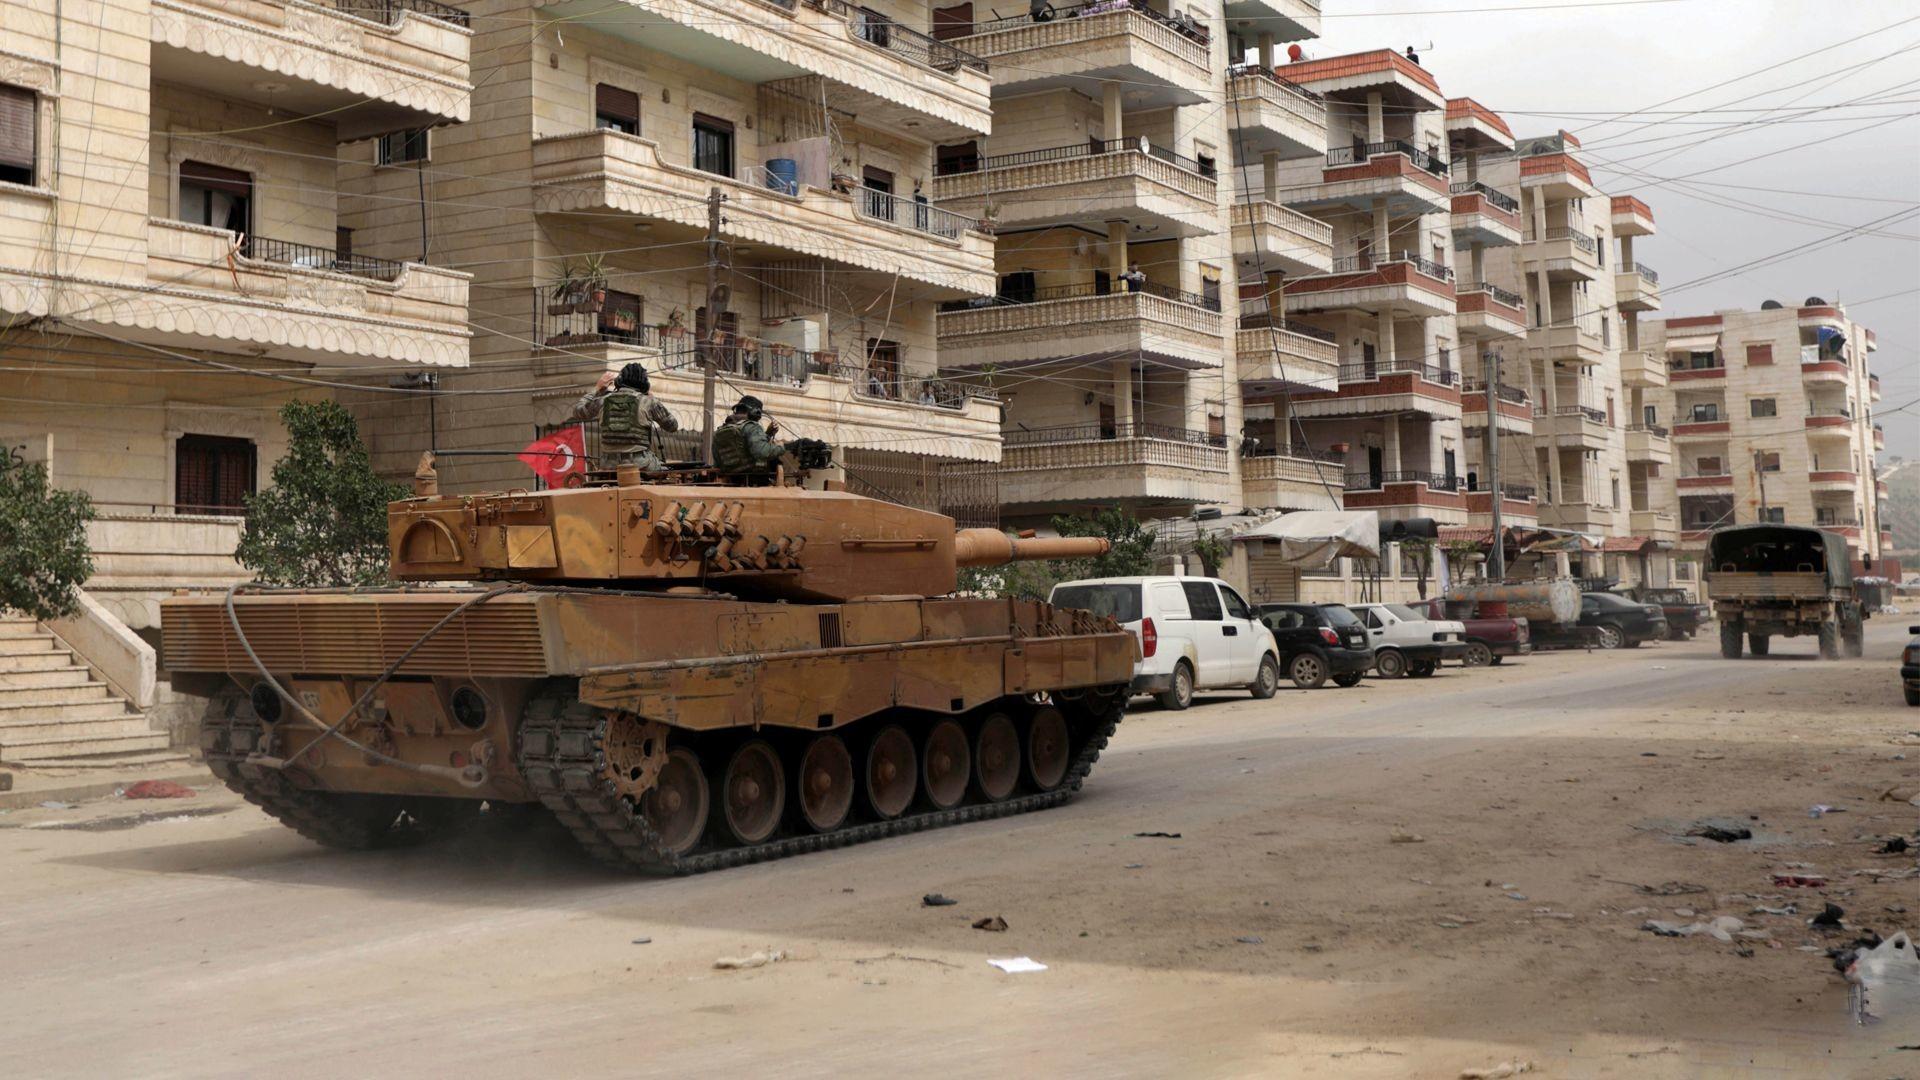 روسيا هاجمت الجنود الأتراك في سوريا؟